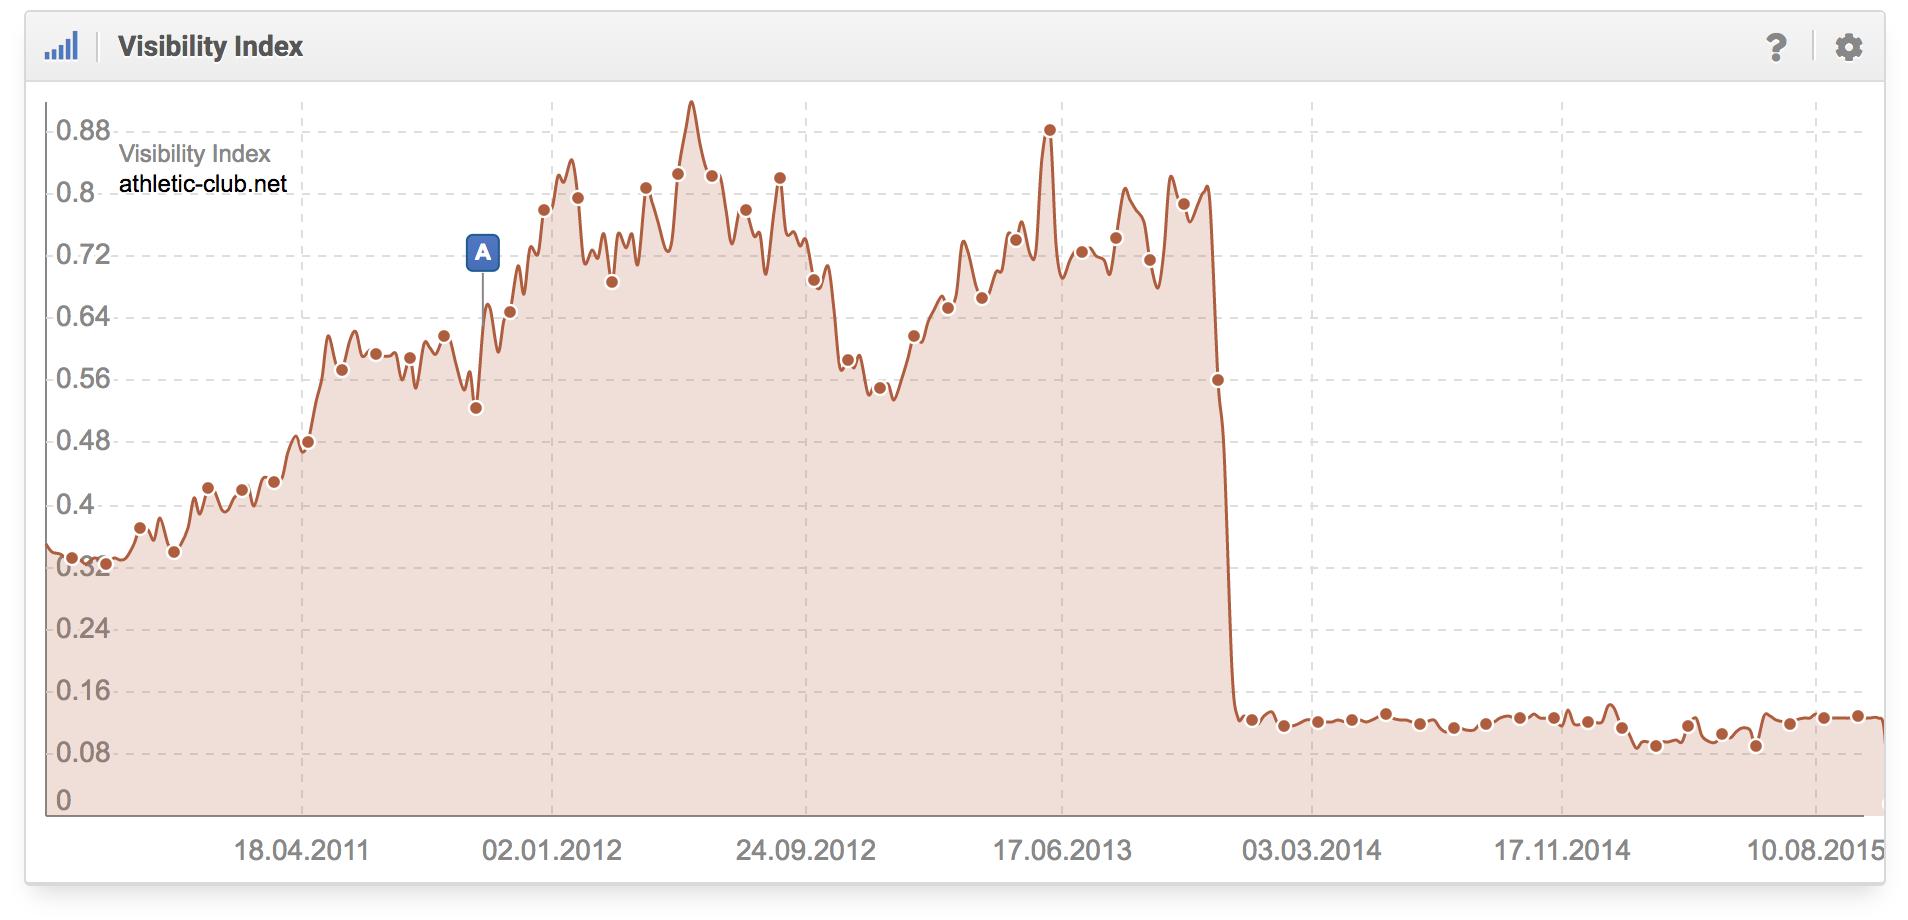 histórico del índice de visibilidad para el dominio athletic-club.net en google.es